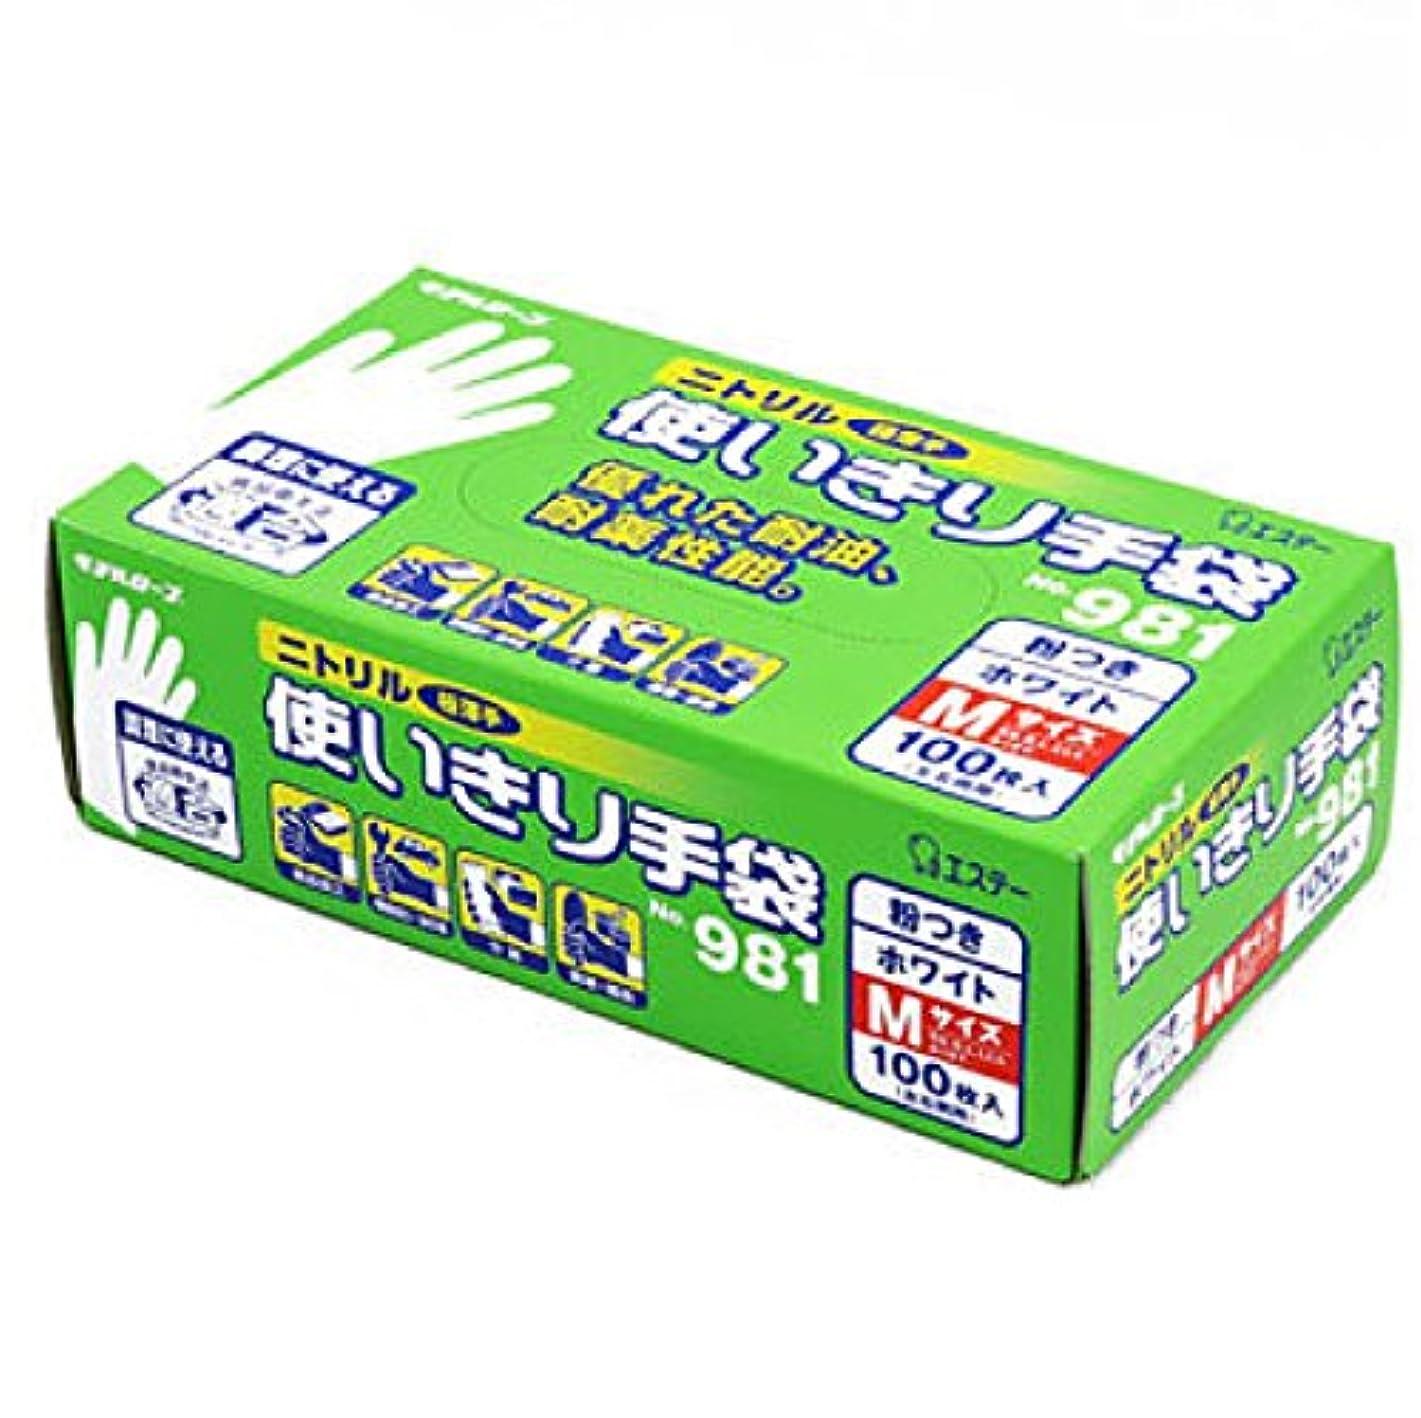 初期一見マインドフルエステー/ニトリル使いきり手袋 箱入 (粉つき) [100枚入]/品番:981 サイズ:L カラー:ホワイト